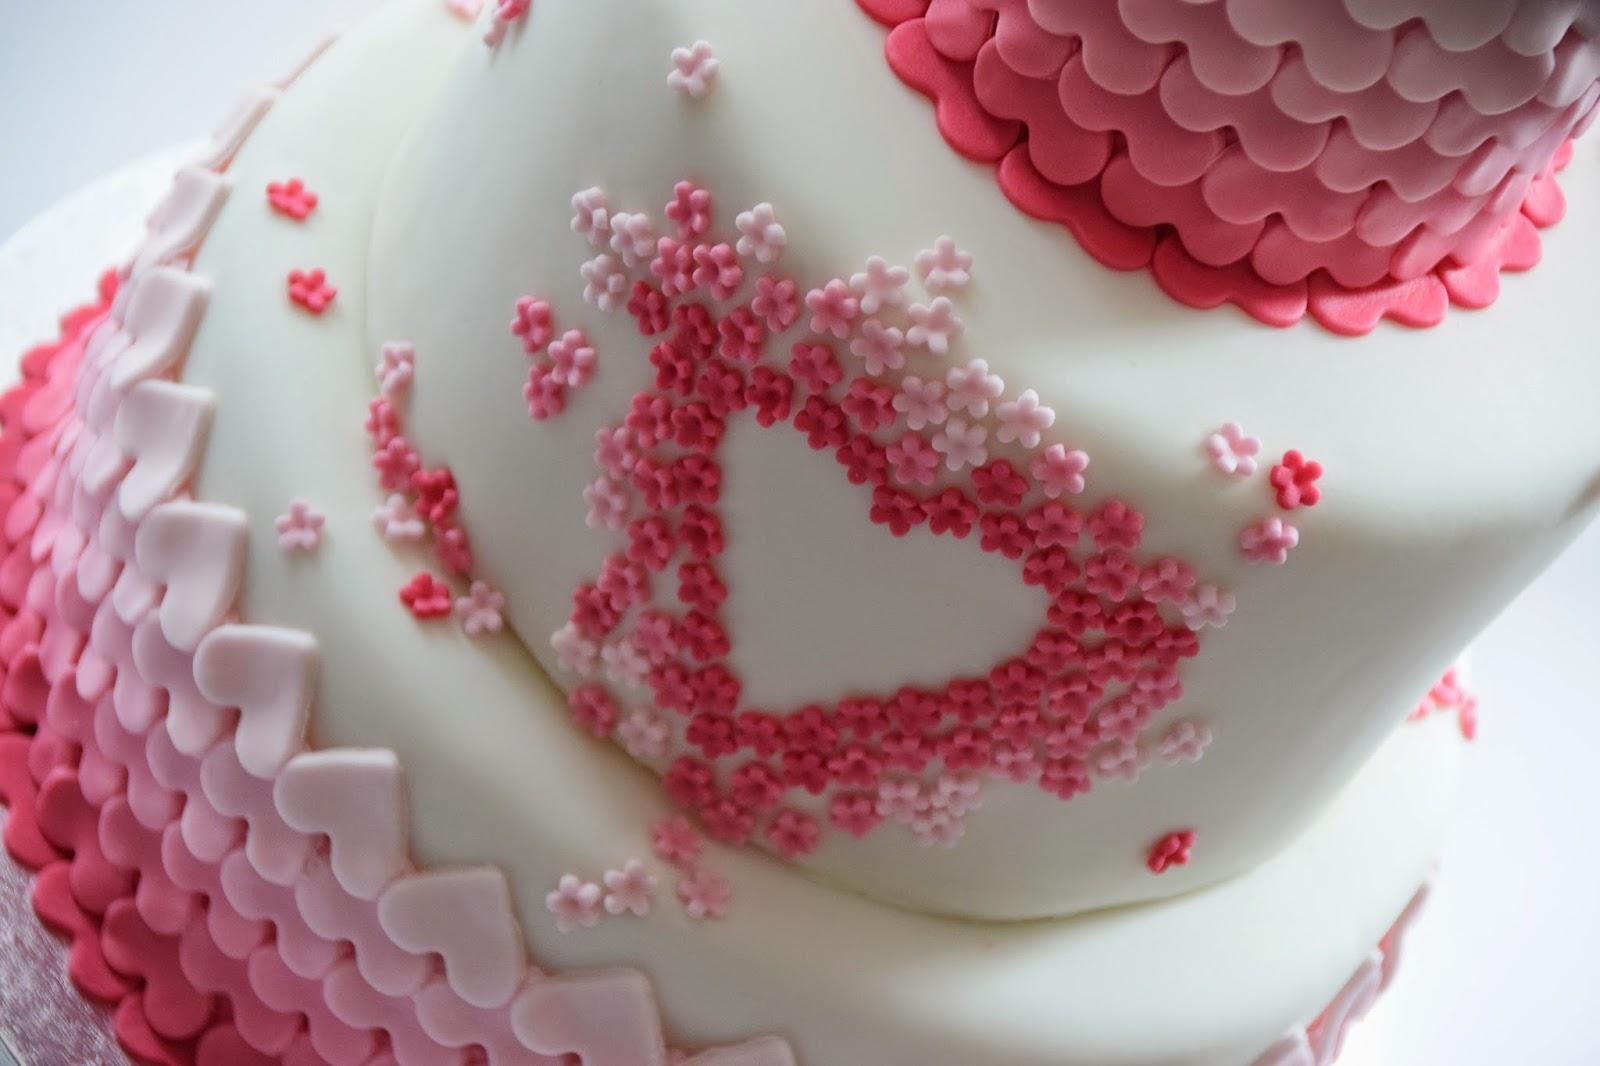 How to Make a Birthday Cake ♥ | The Fashion Freak Diary